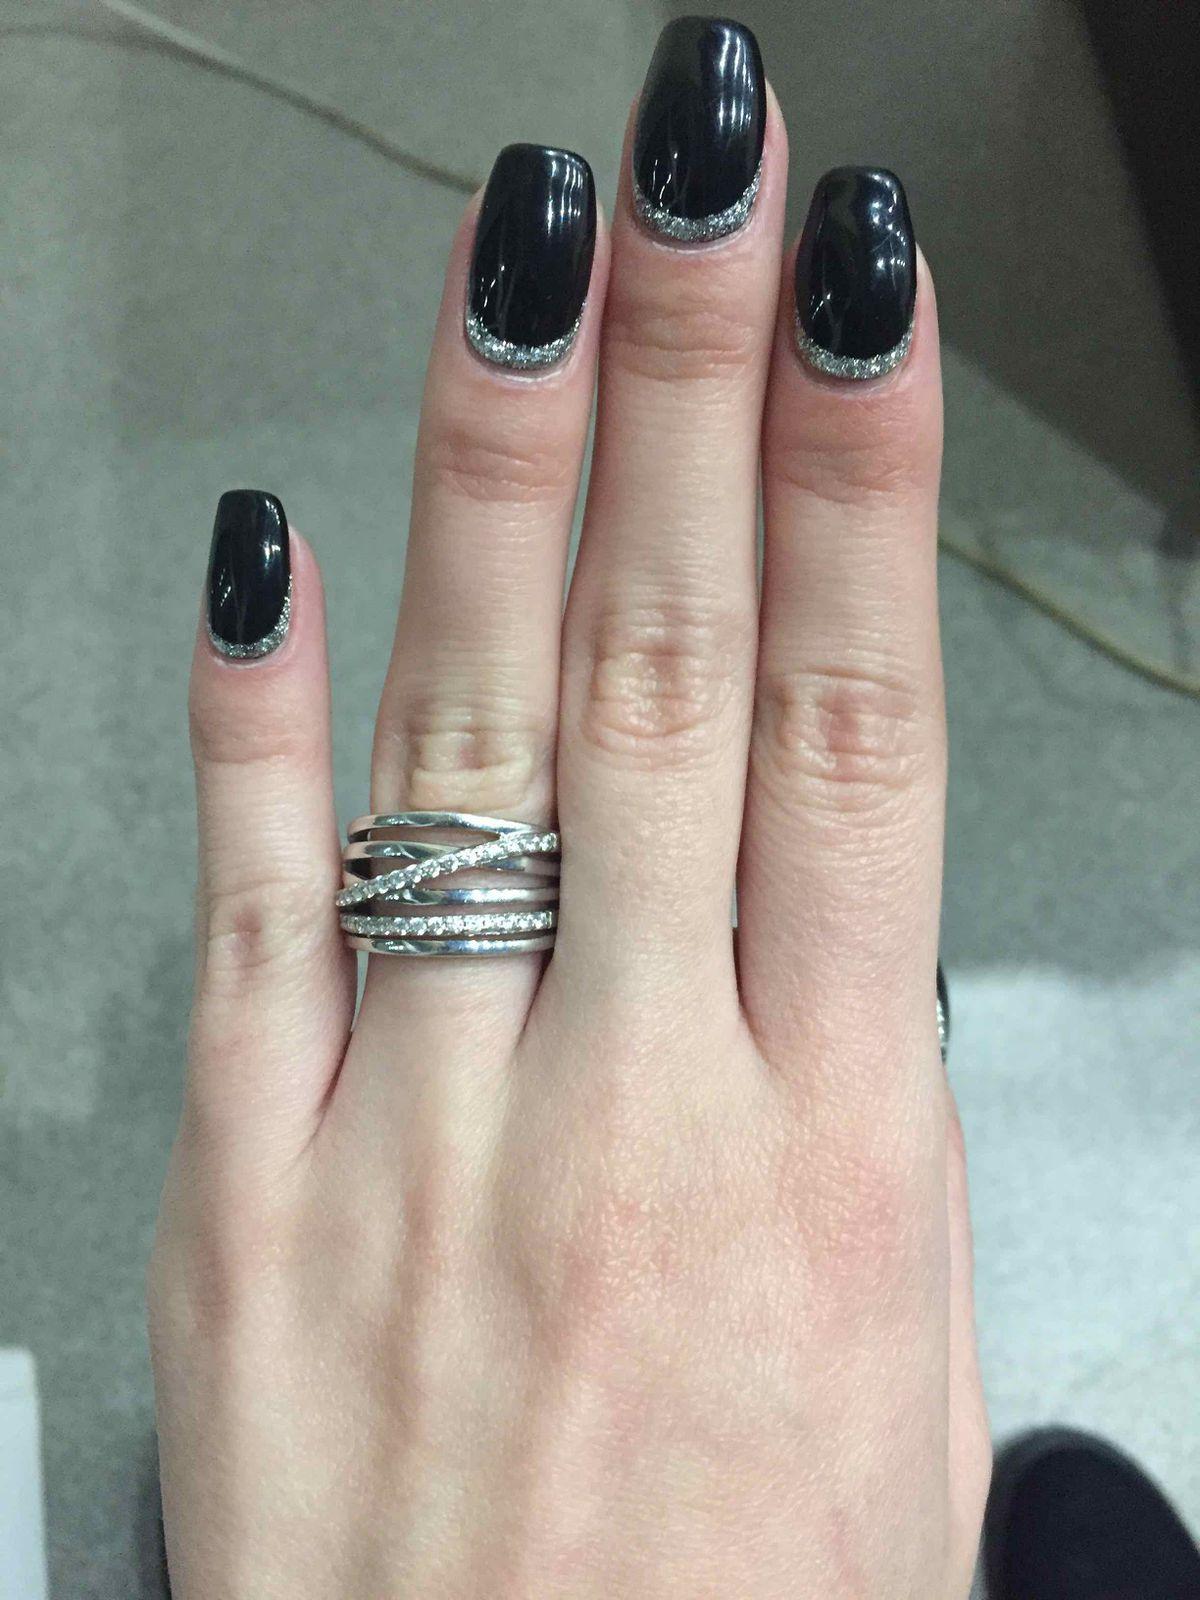 Замечательное кольцо, осталась в восторге от приобретения. Спасибо магазину